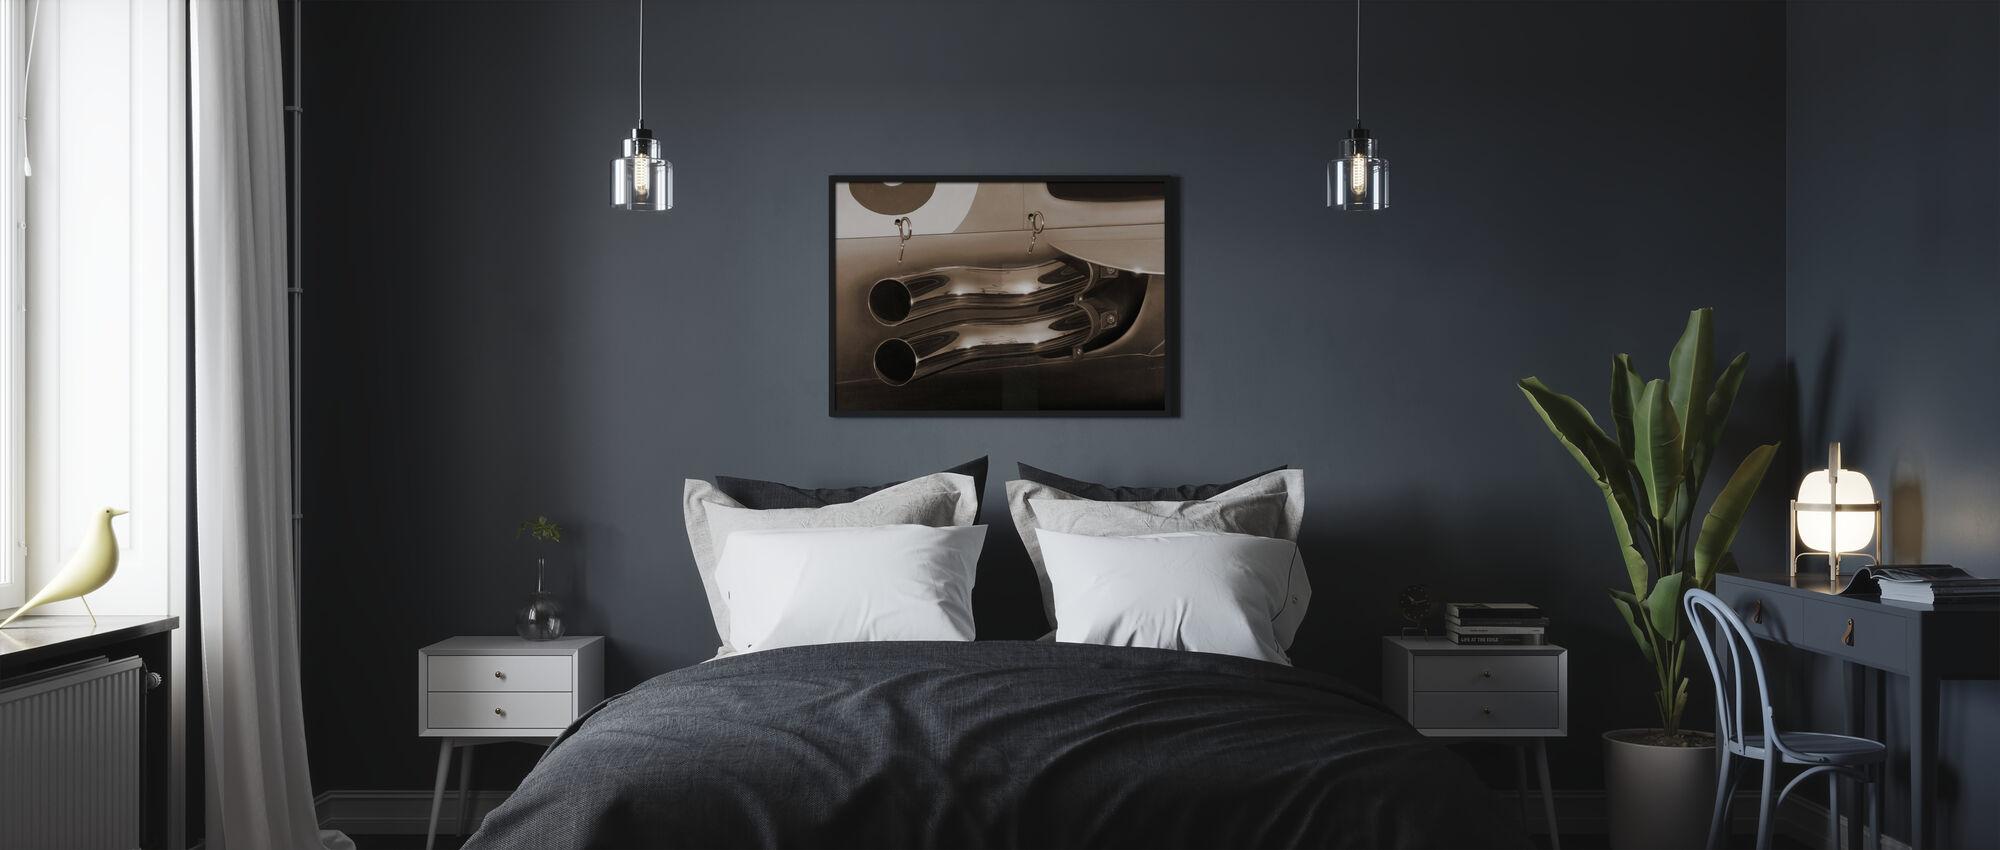 Tubi Scarico Sepia - Poster - Camera da letto